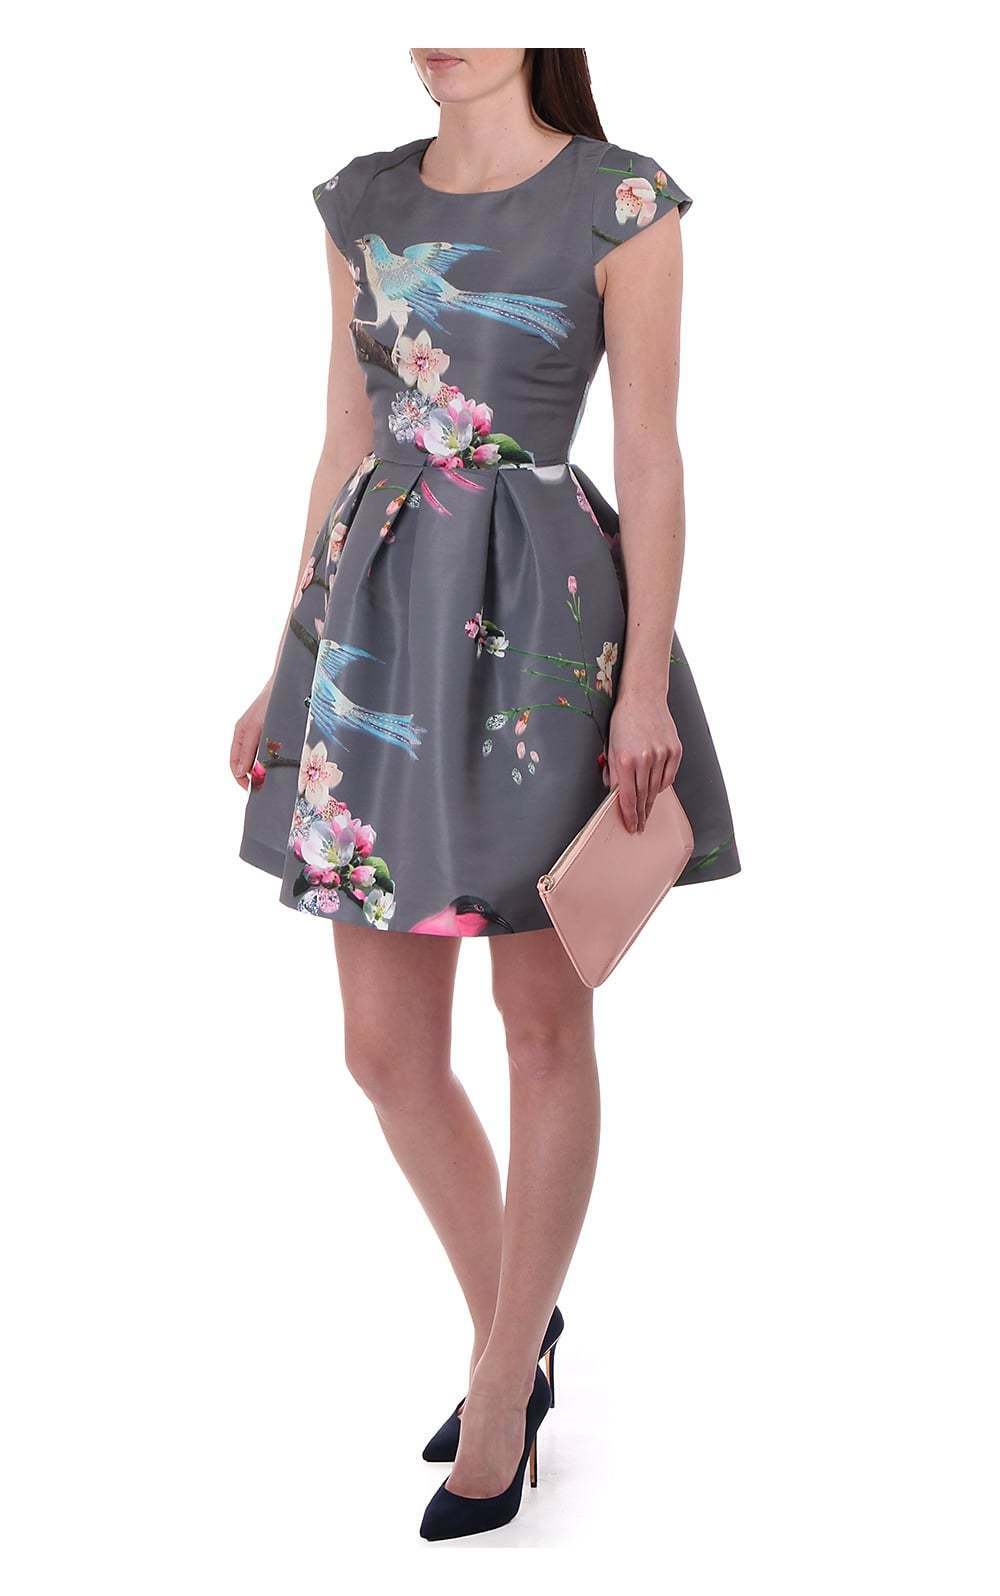 TED BAKER Zaldana vol de l'Orient Fit & Flare jupe robe imprimé oiseaux 2 10 S